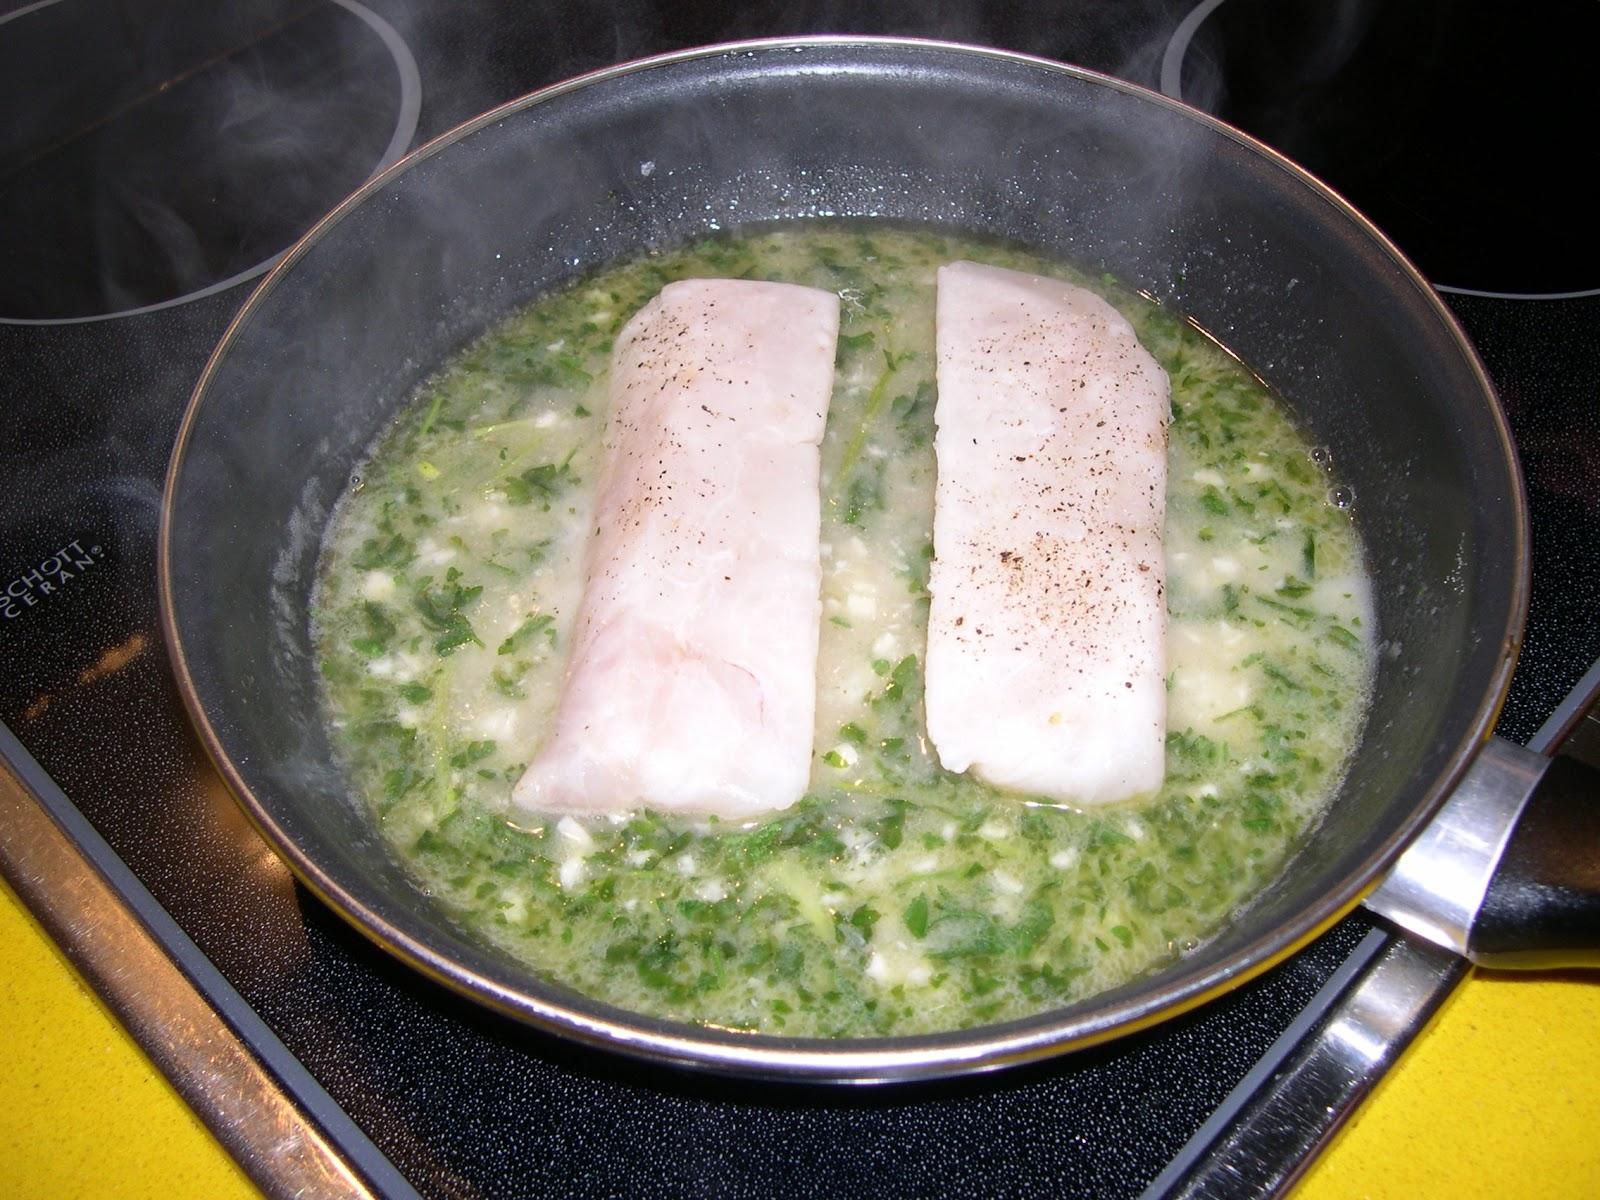 Las recetas de puri gonz lez p rez lomos de merluza en for Lomos de merluza en salsa verde